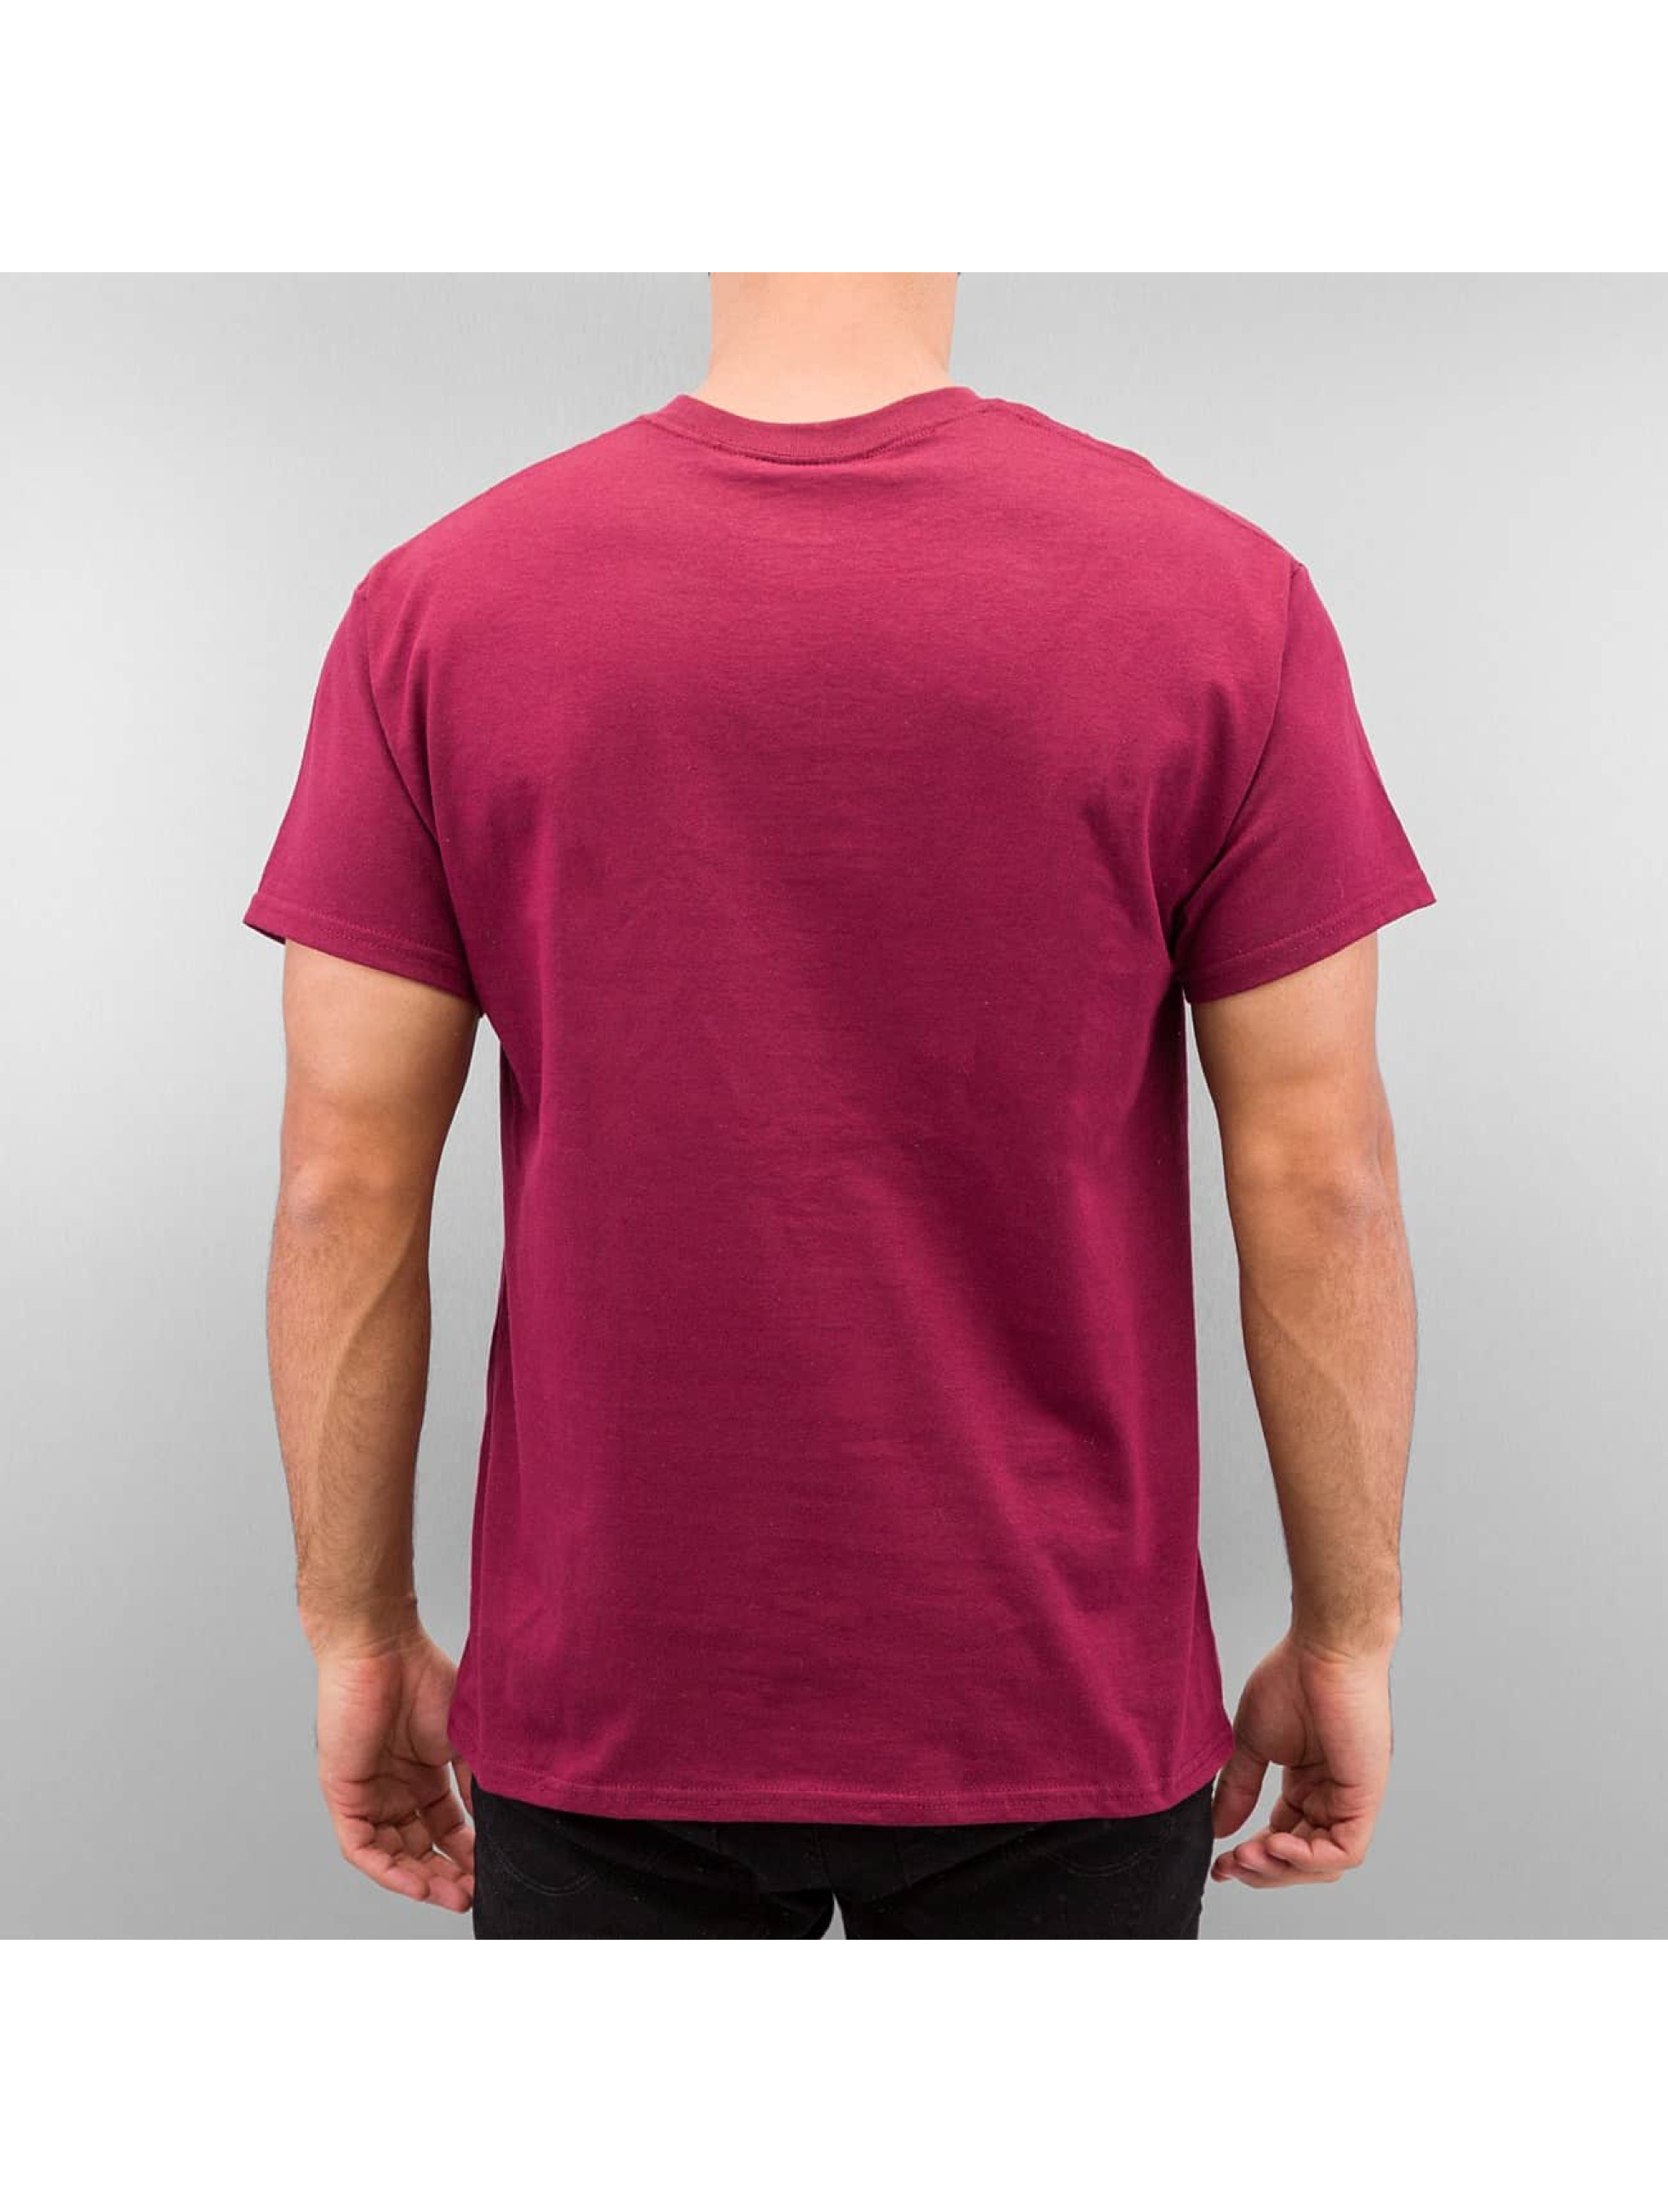 Joker t-shirt Rose rood